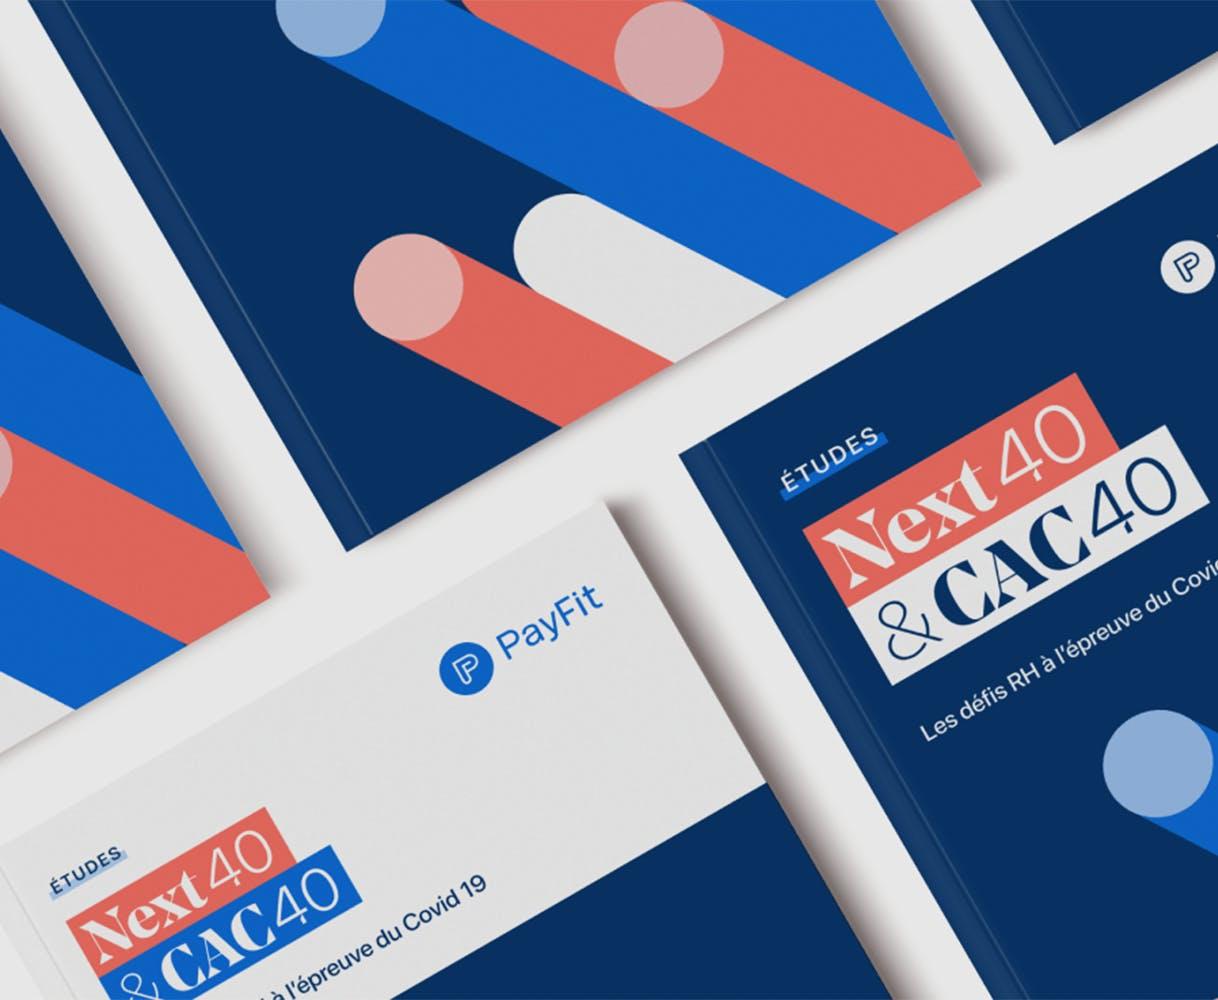 publications next 40